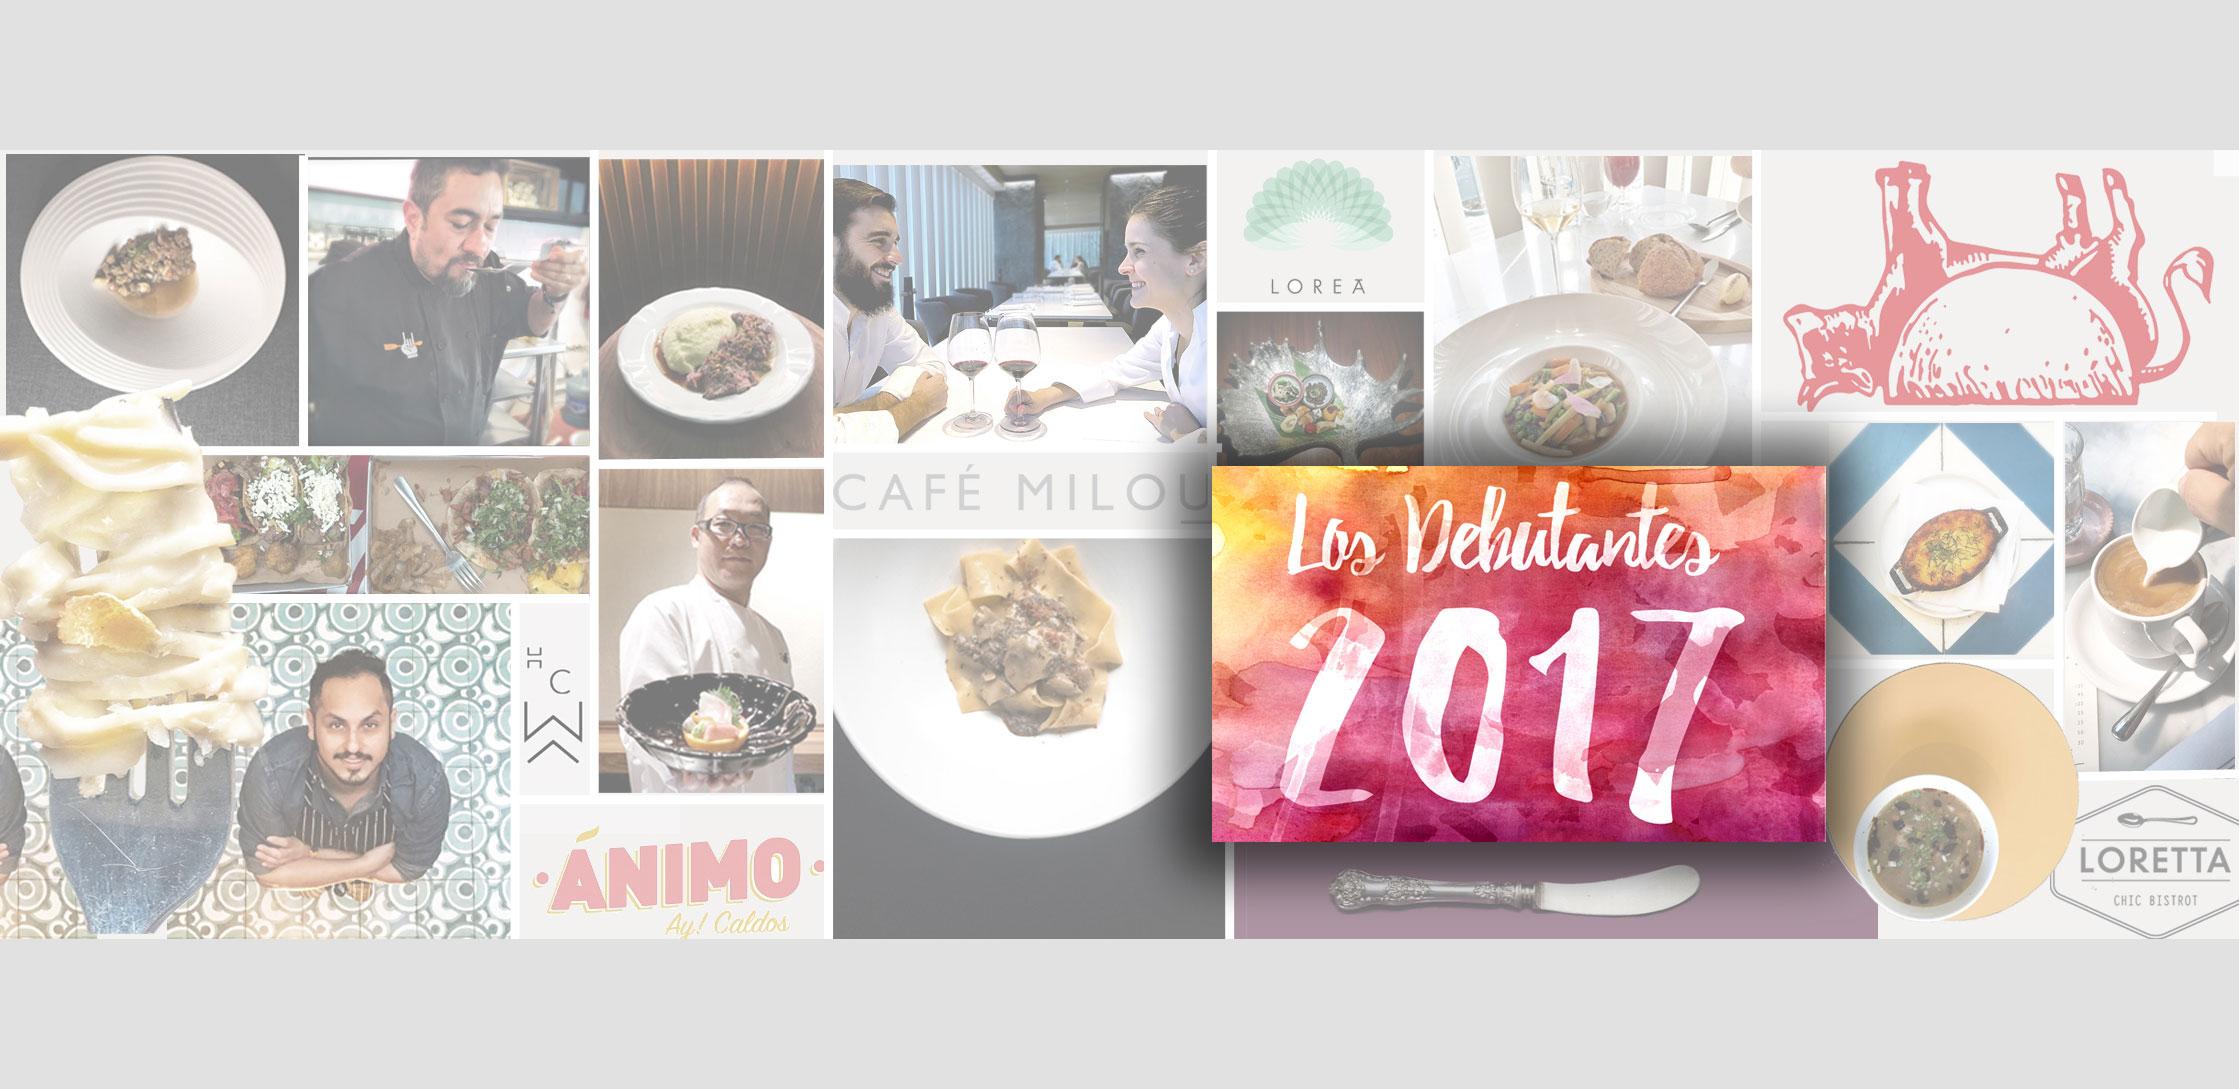 Los debutantes 2017 los mejores nuevos restaurantes de la CDMX